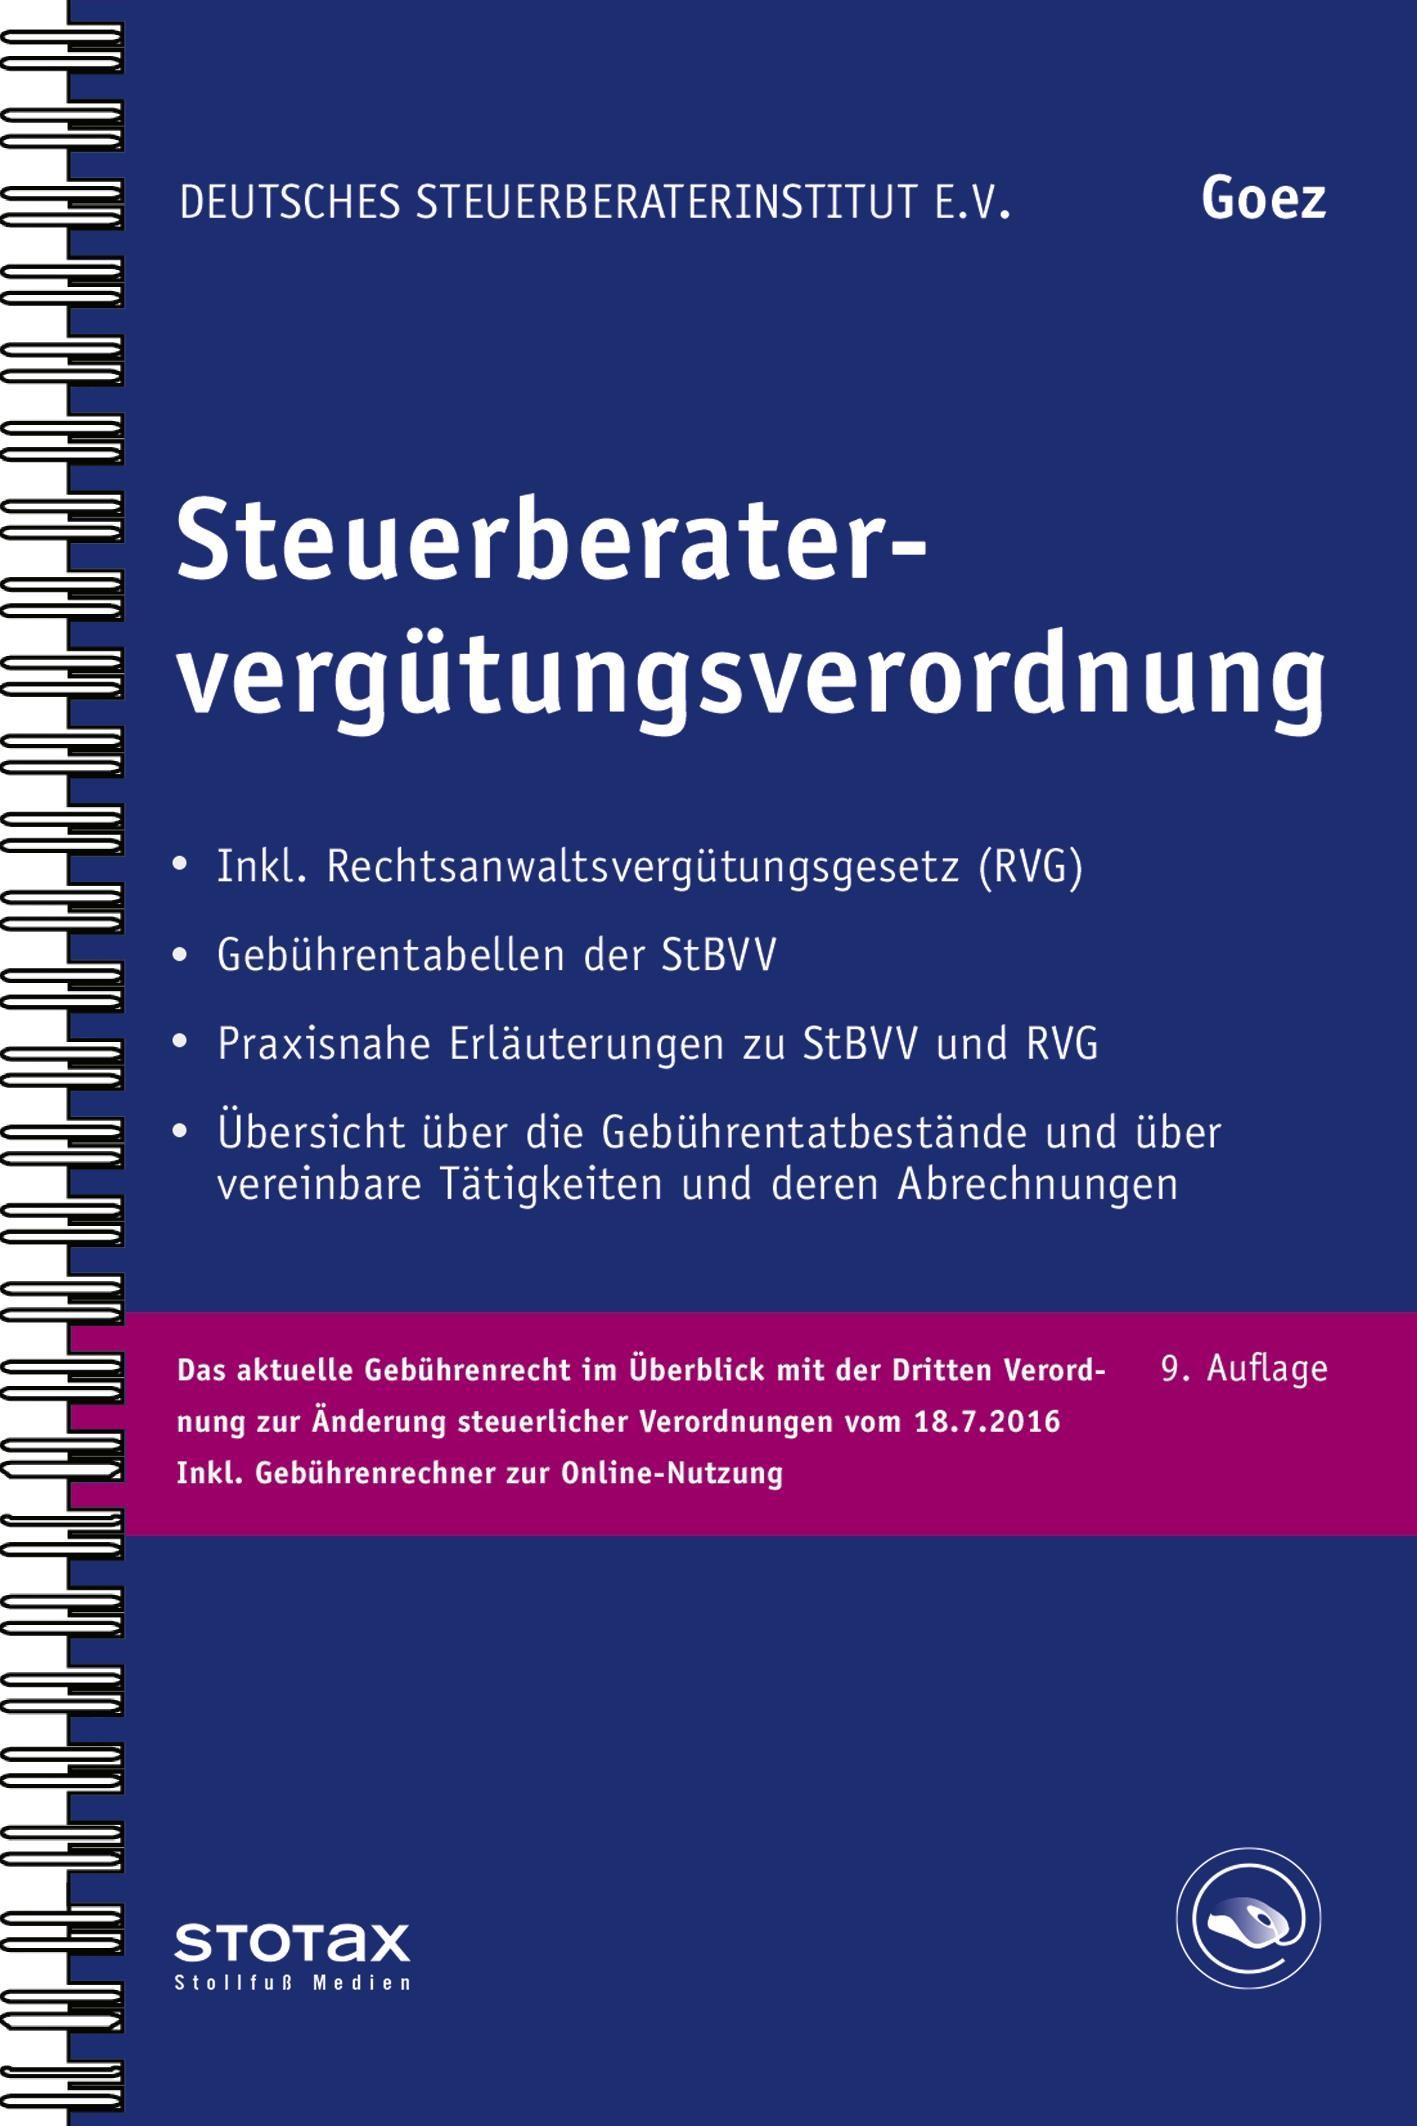 Steuerberatervergütungsverordnung | Goez | 9. Auflage, 2016 (Cover)